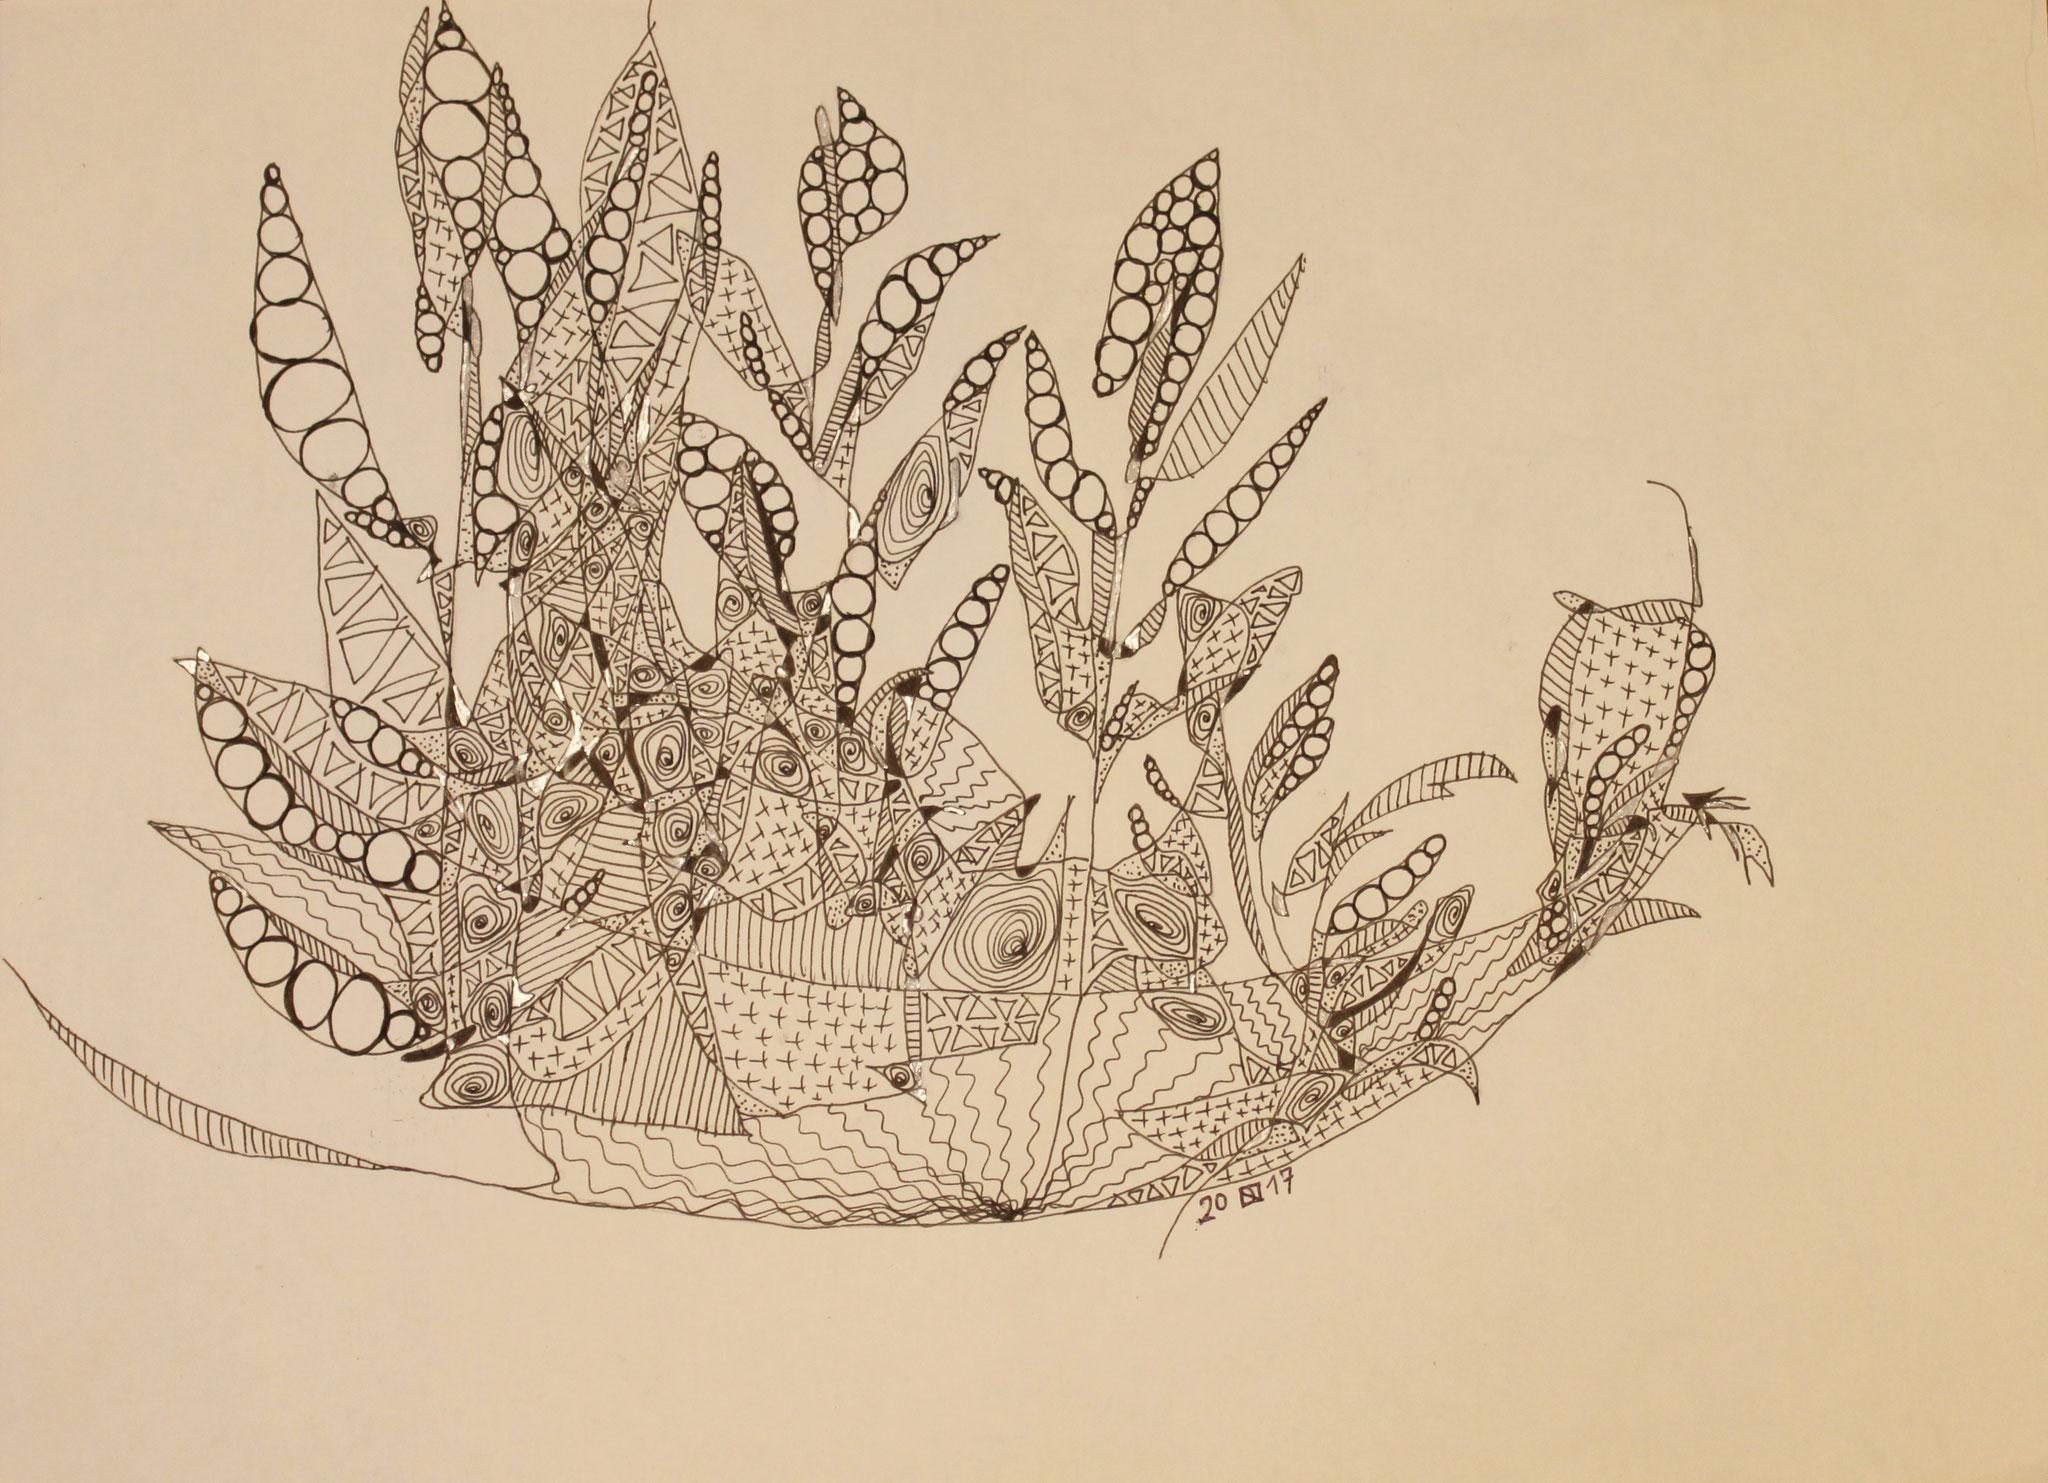 Drahblumenschale, Fineliner und Silbertinte auf Papier, 29 cm x 42 cm cm, 2017